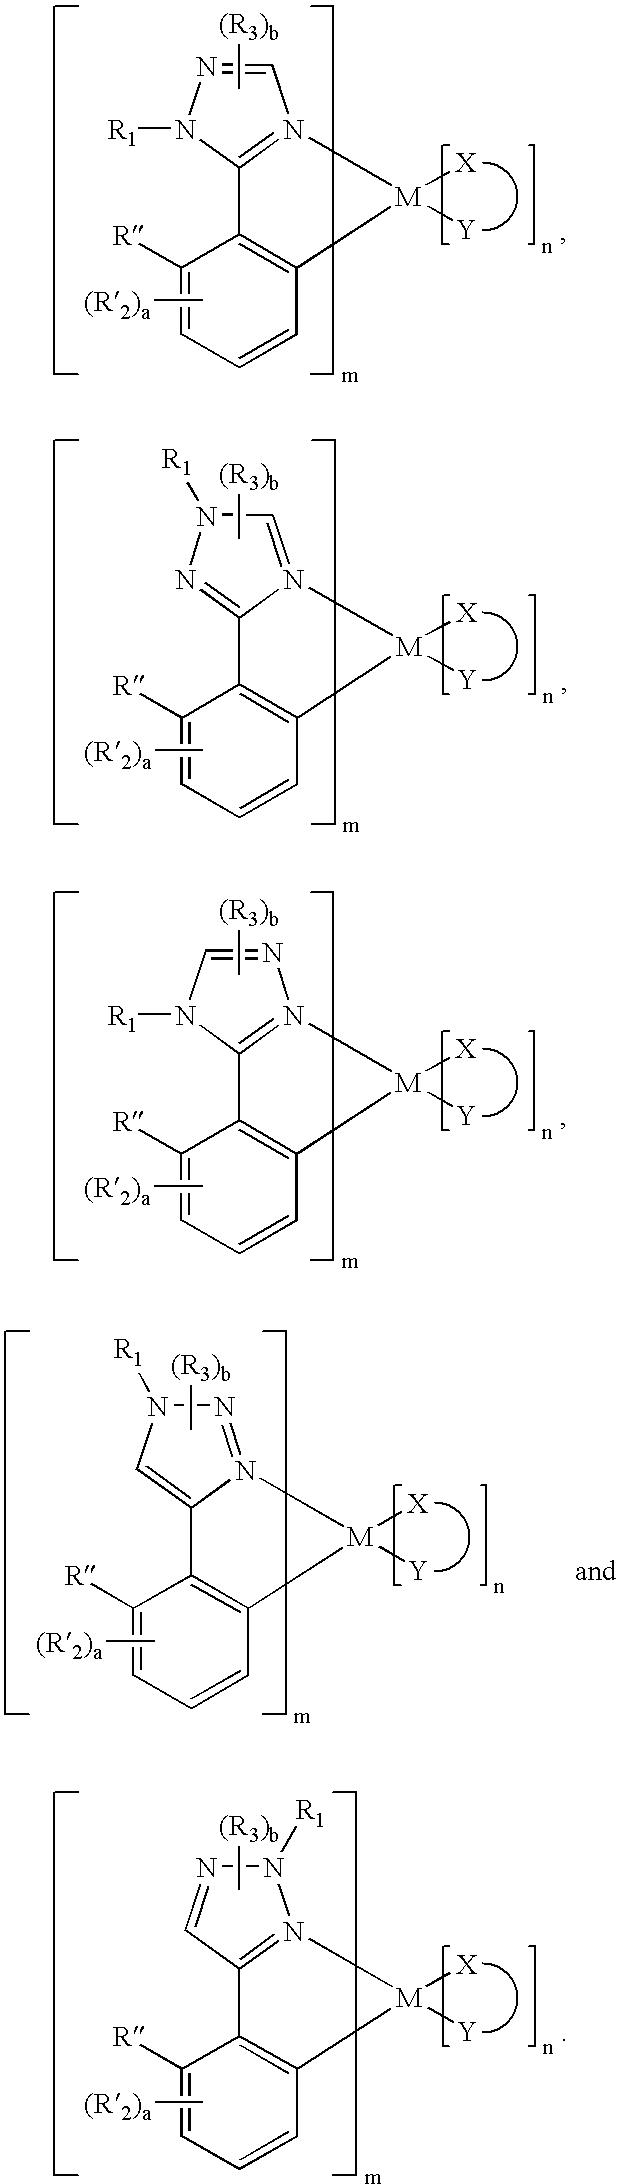 Figure US20060008670A1-20060112-C00042